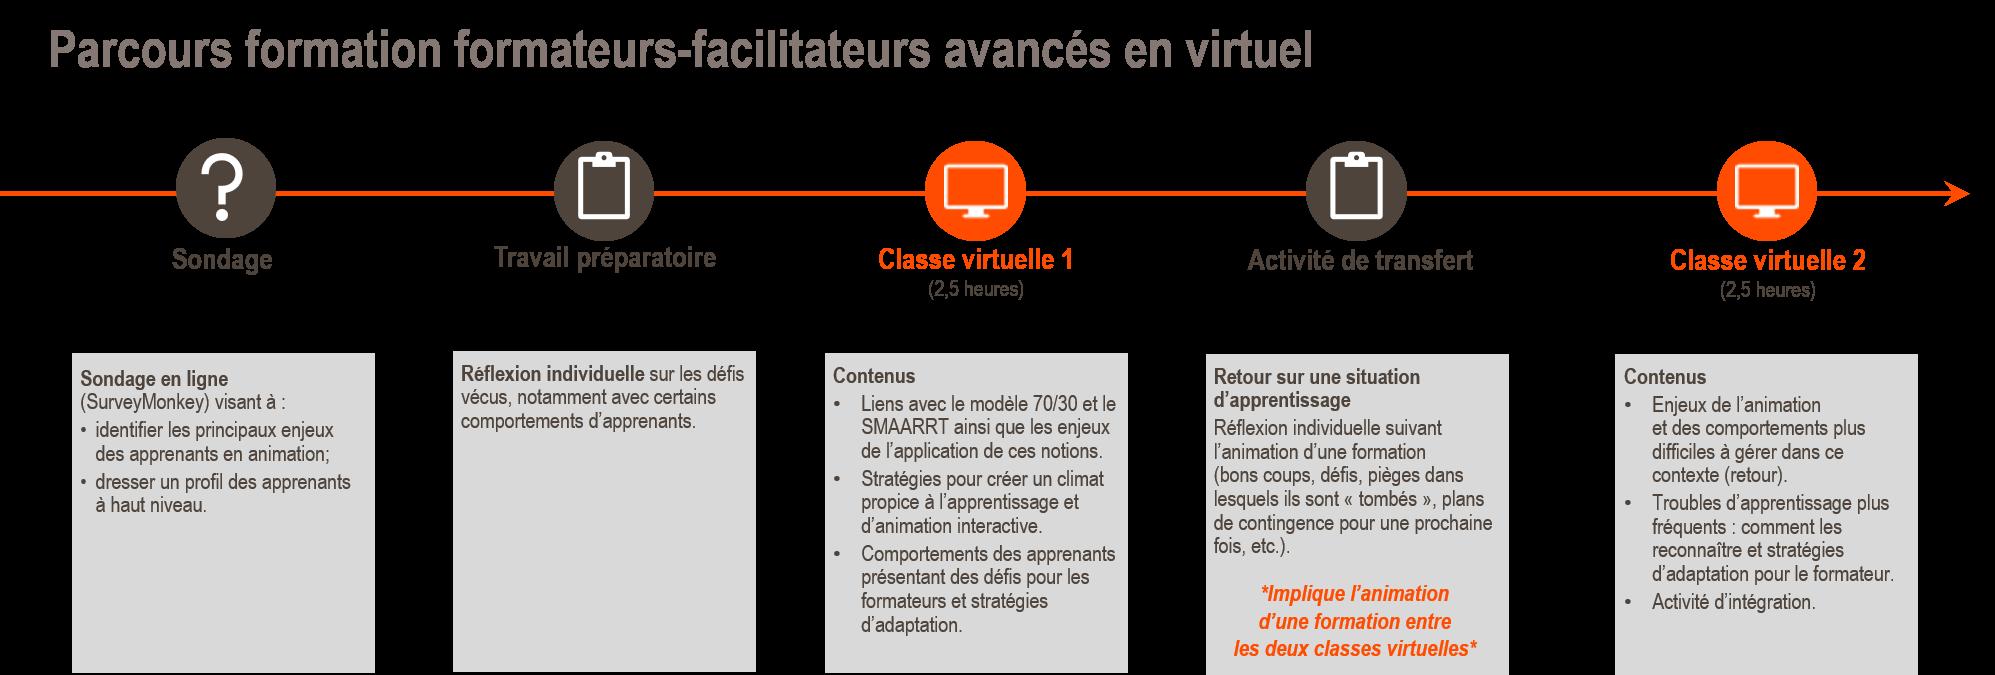 Parcours_formation_formateurs_facilitateur_avance_virtuel